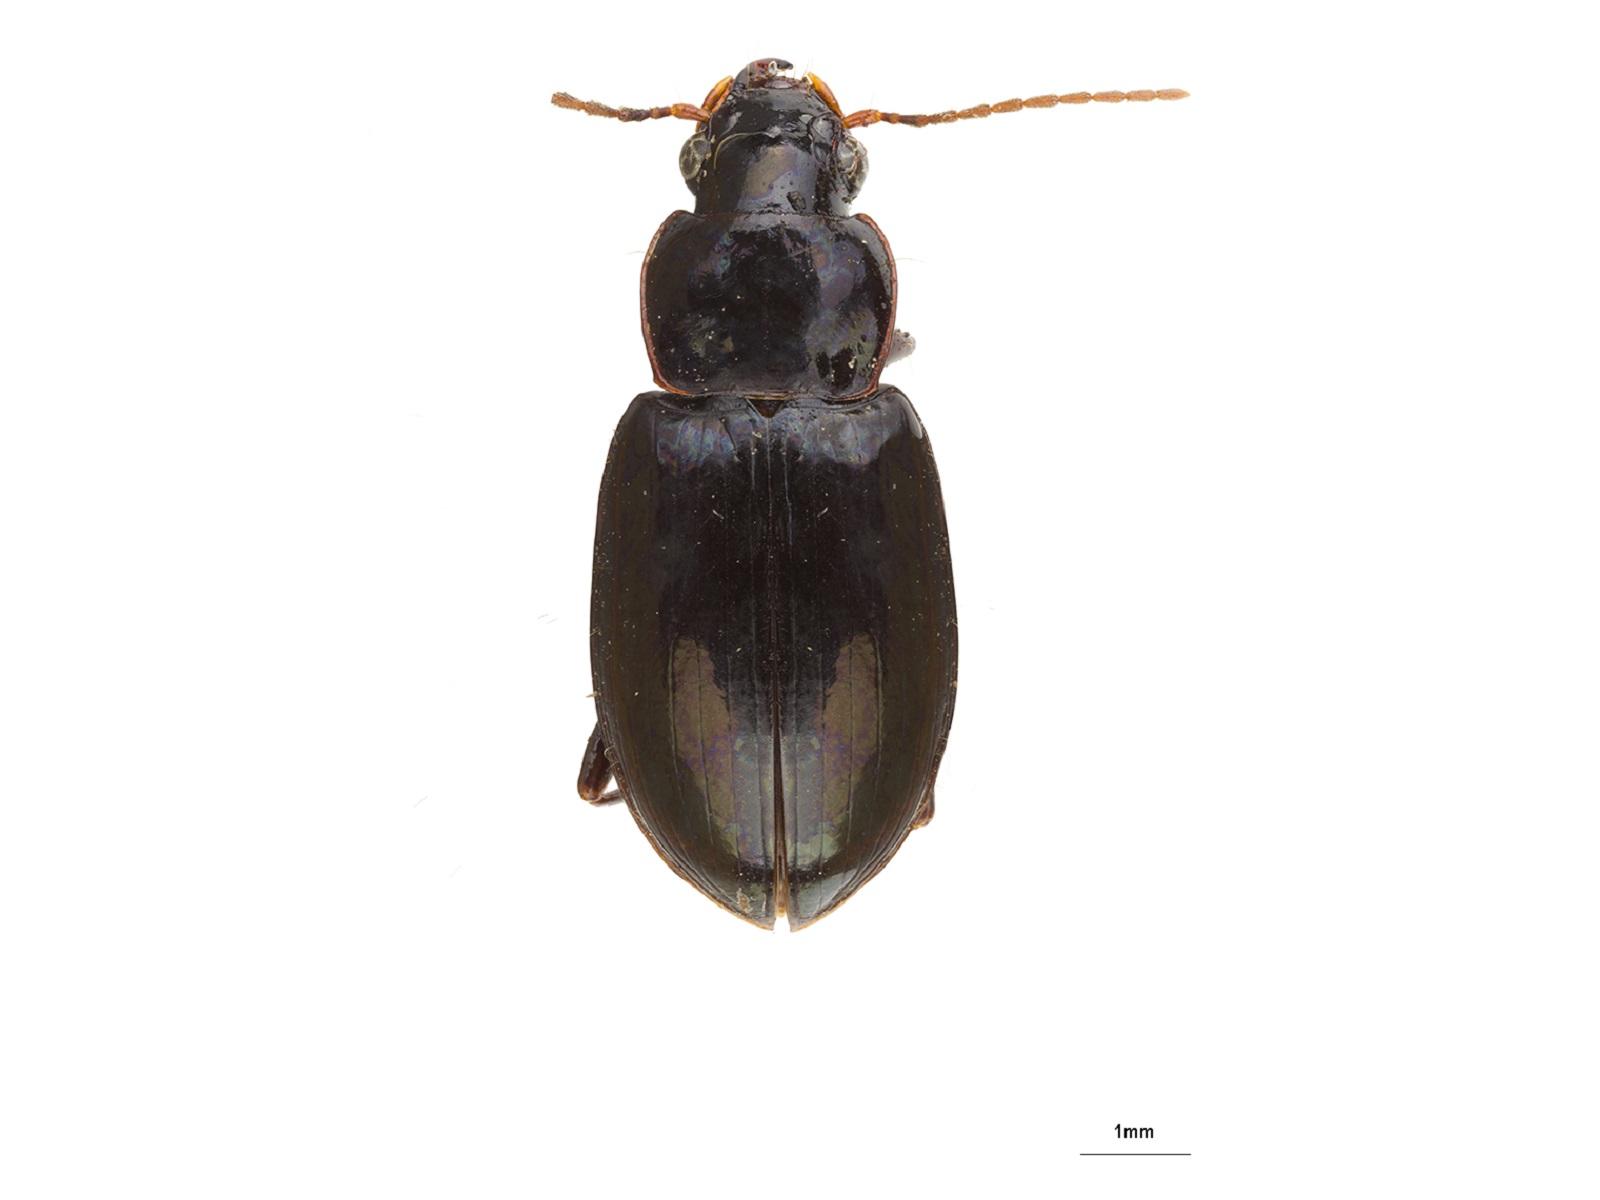 Pelmatellus spp.